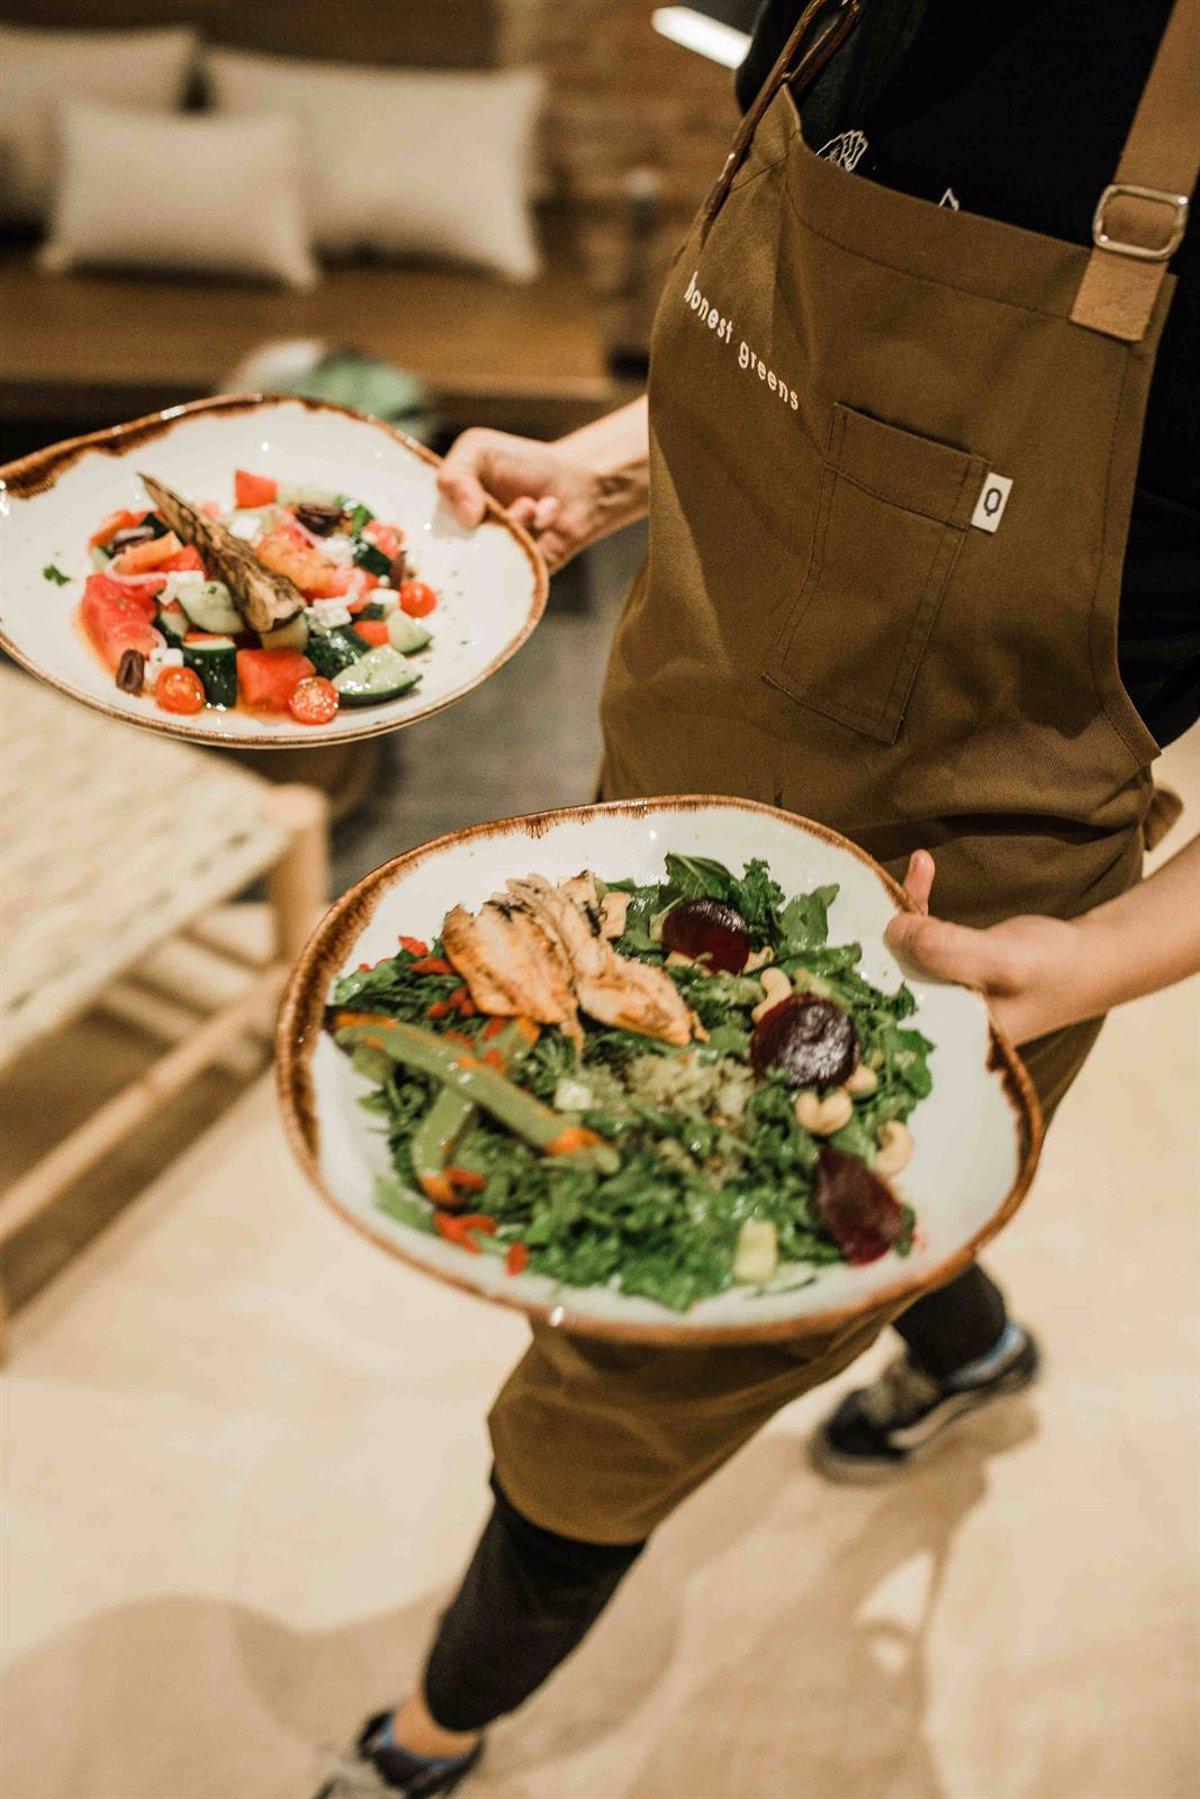 82590fefc494 El concepto 'healthy' de Honest Greens crece en España con cuatro  restaurantes tras invertir más de 4 millones